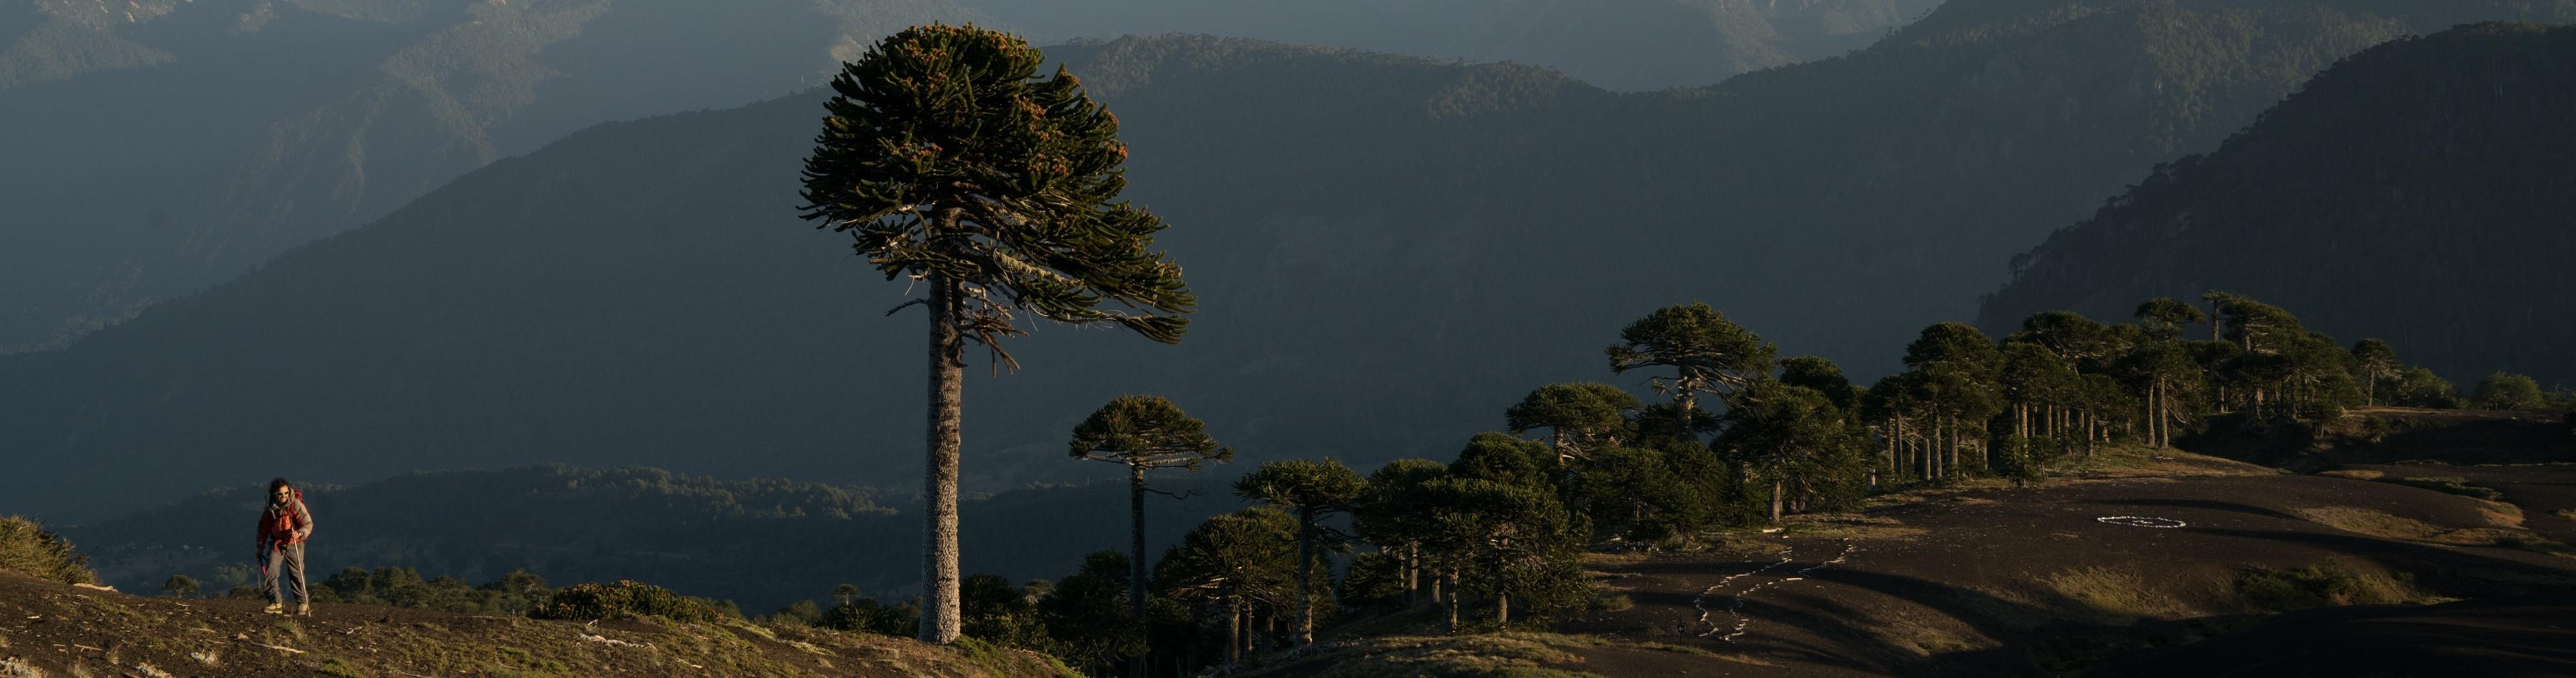 Unesco declara a Kütralcura como el primer geoparque mundial de Chile